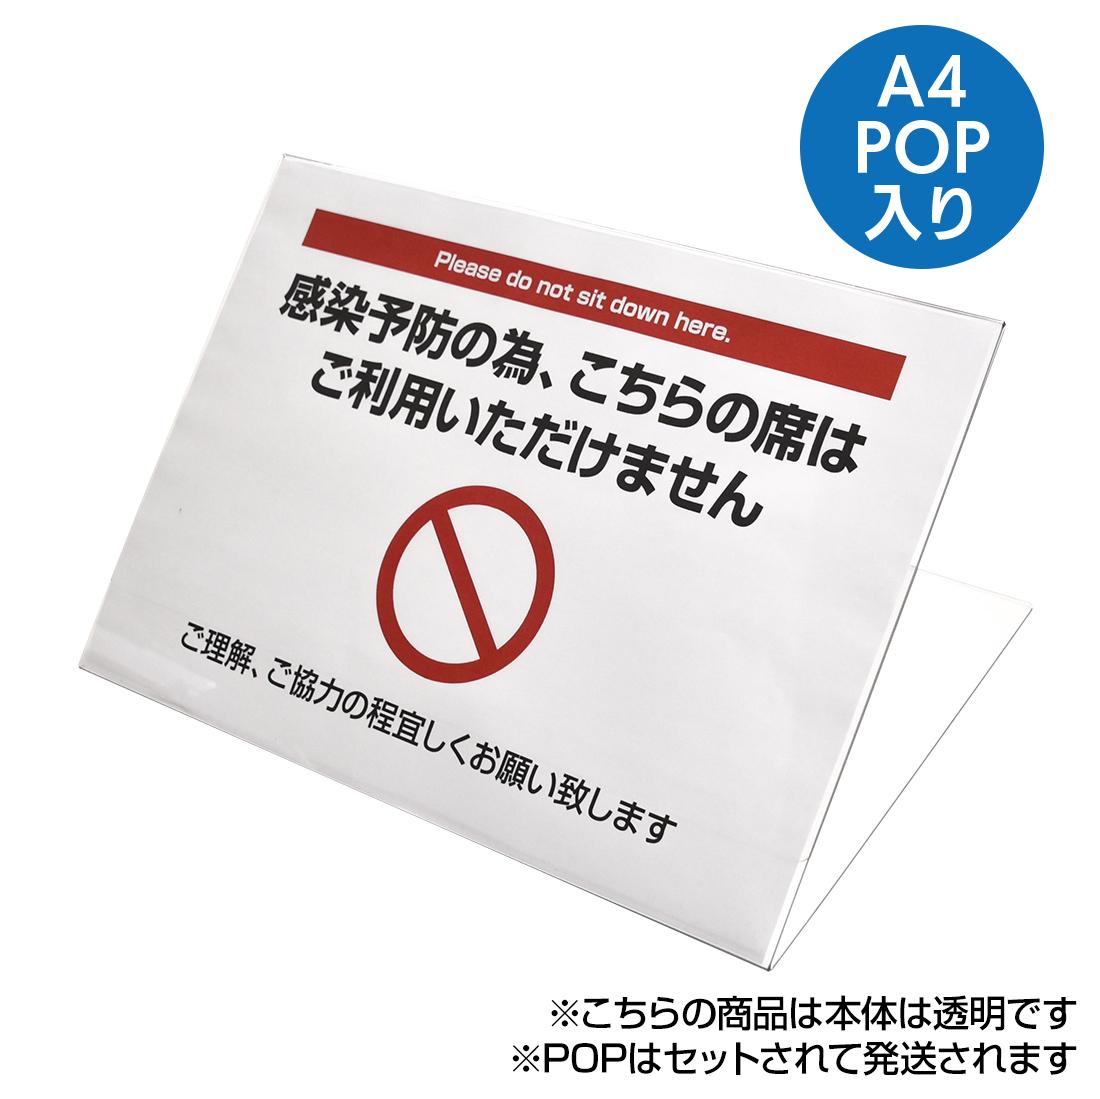 【送料無料】L型 プレート A4 PET1.5T【20枚】|カード立て スタンド ソーシャルディスタンス 案内板 用紙付き